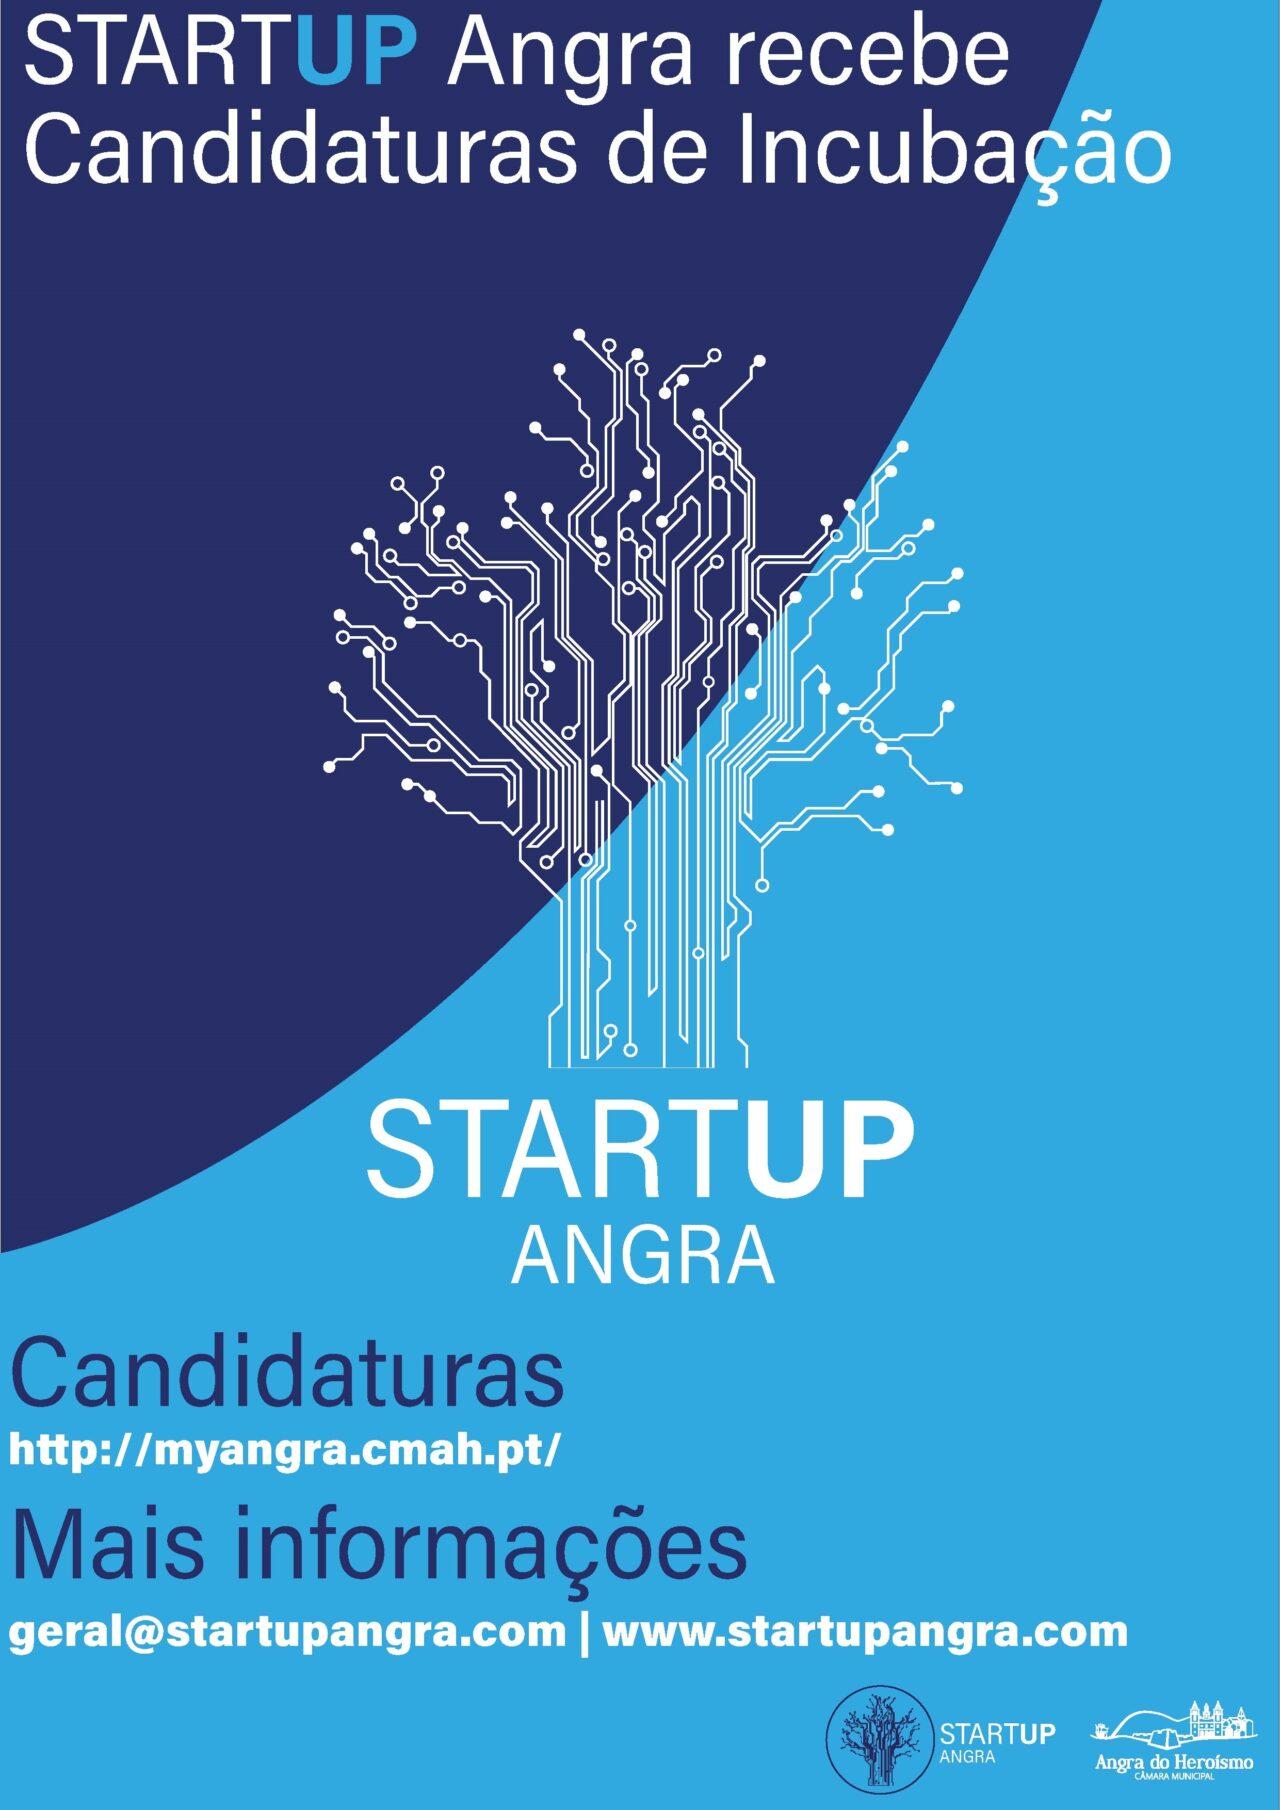 http://www.startupangra.com/wp-content/uploads/2020/09/Imagem-Contratos-1280x1810.jpg